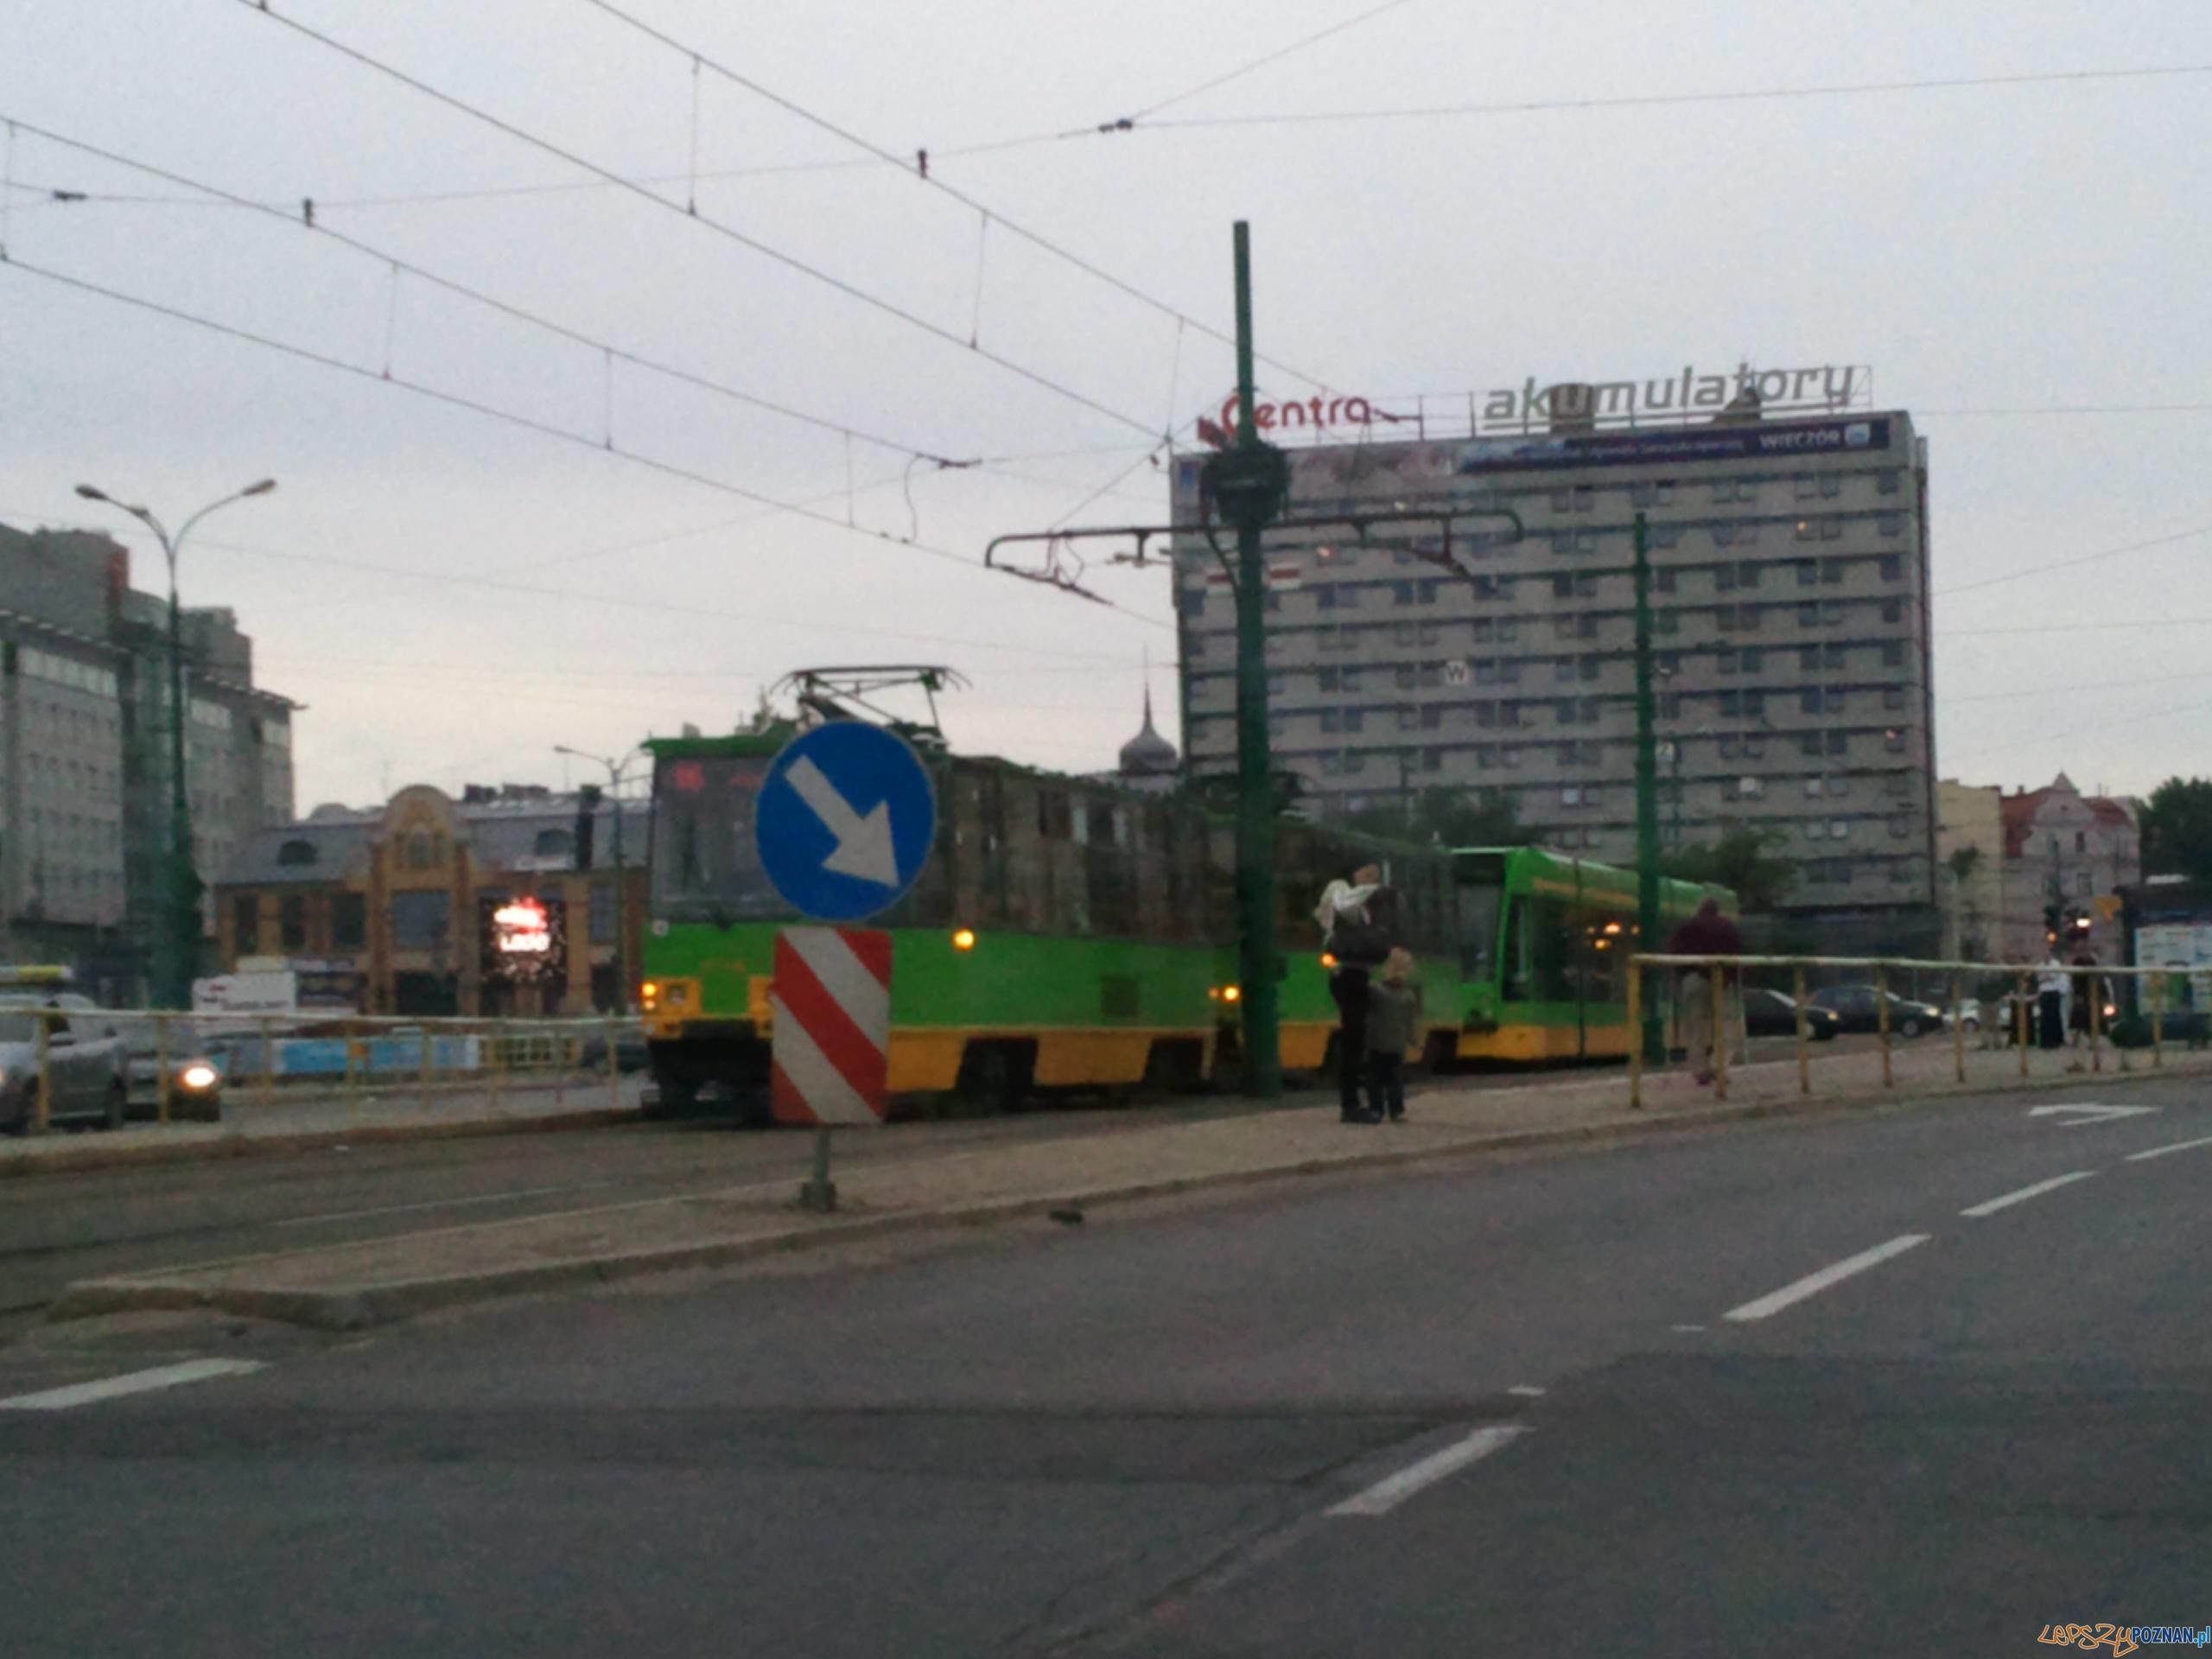 Awaria prądu zatrzymała bimby w centrum  Foto: Piotr